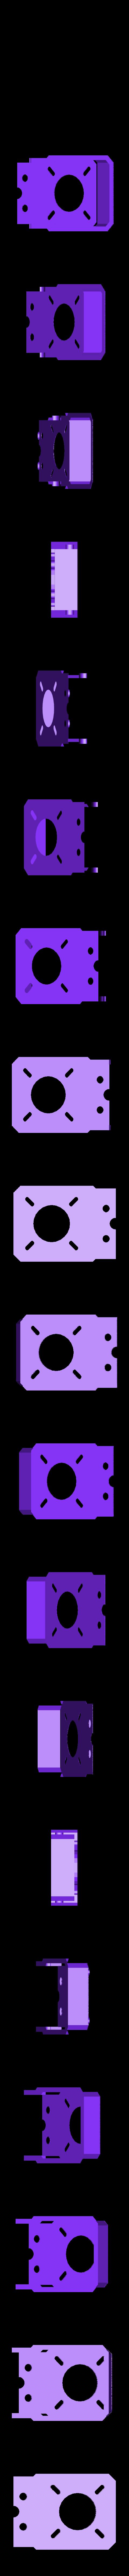 MotorBracket.stl Télécharger fichier STL gratuit Hadron (ORD Bot) Support rigide pour moteur en Z • Design à imprimer en 3D, Duskwin